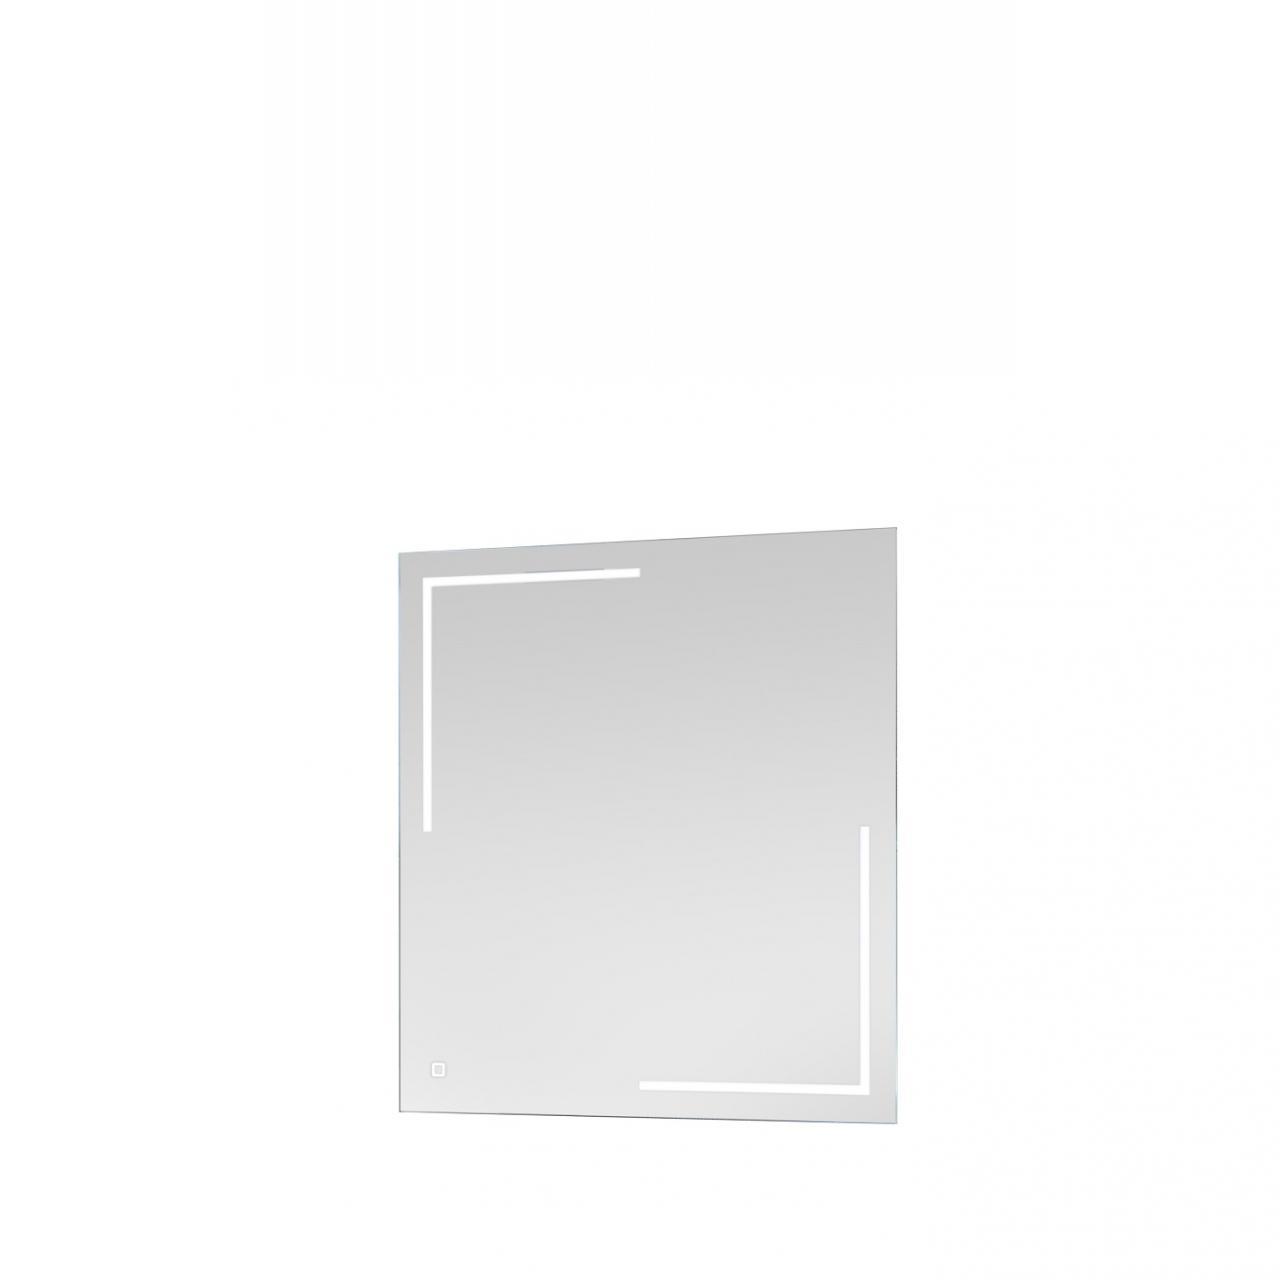 Spiegel 20 20 inkl. LED Licht Touch Lichtschalter Badezimmer Gäste WC Bad